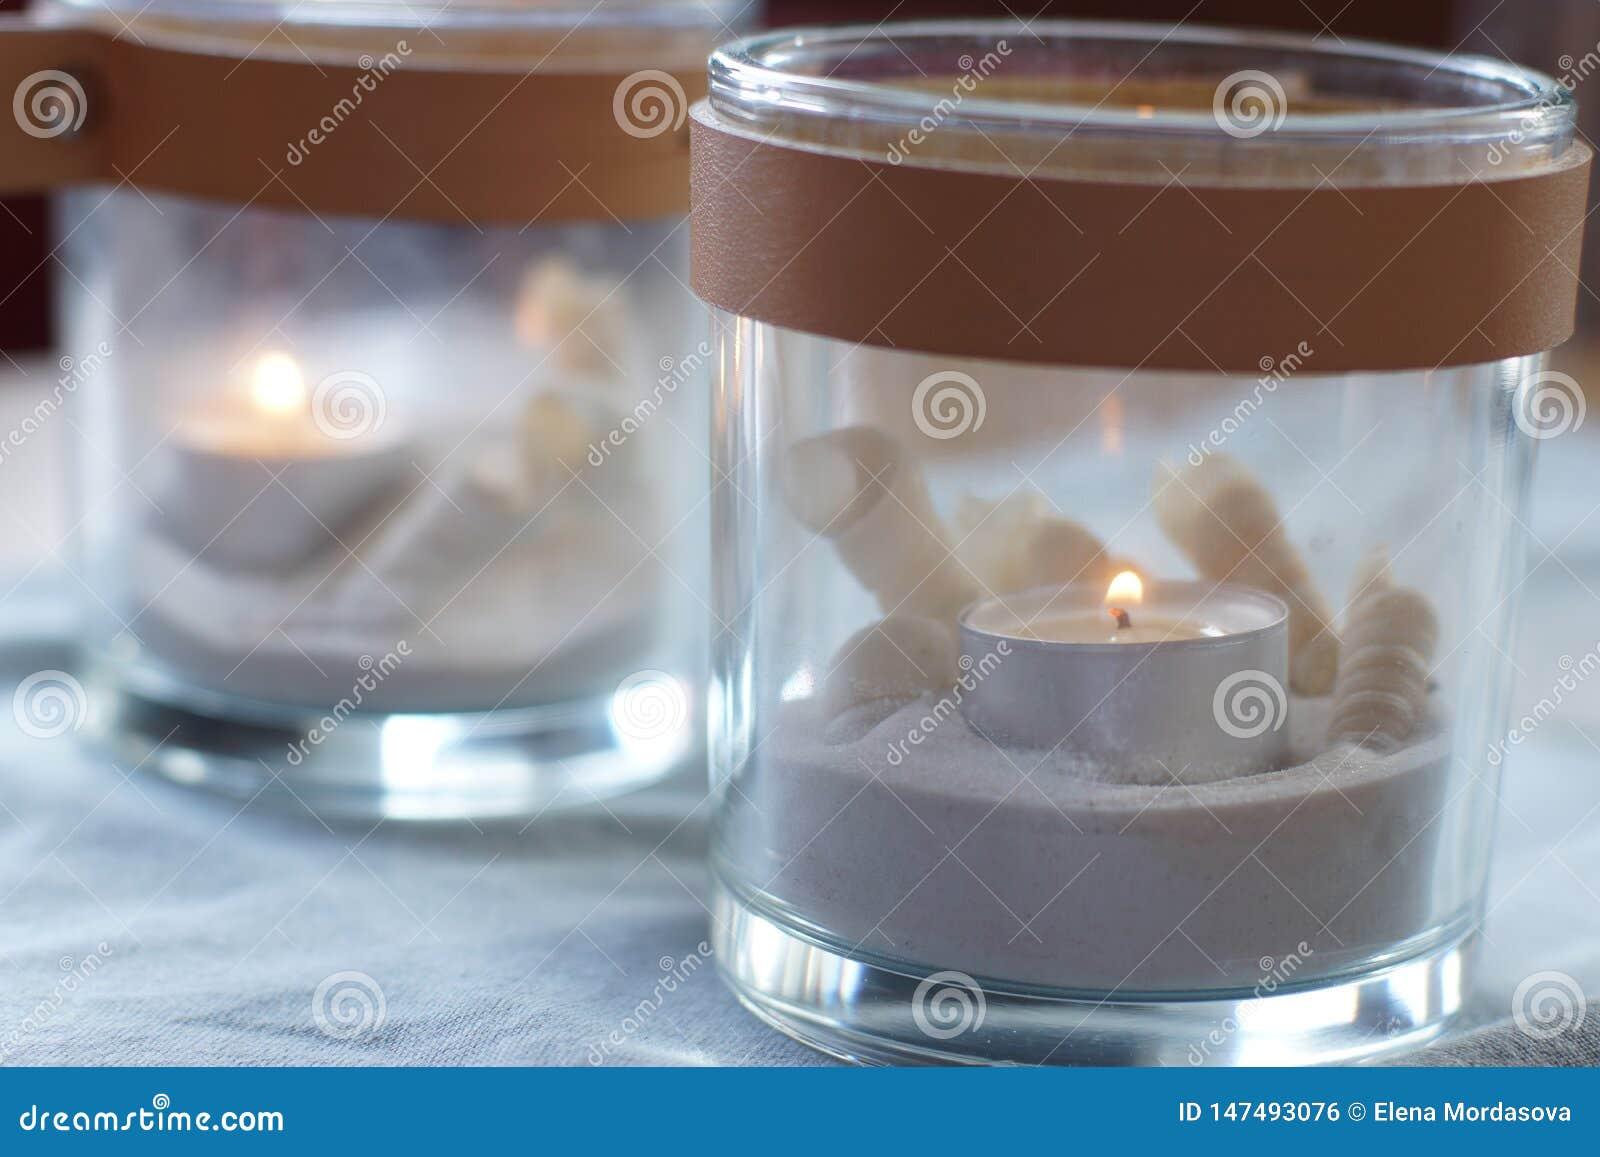 Δύο γυαλιά με το κάψιμο των κεριών στον πίνακα, ήπια μπλε γάμμα